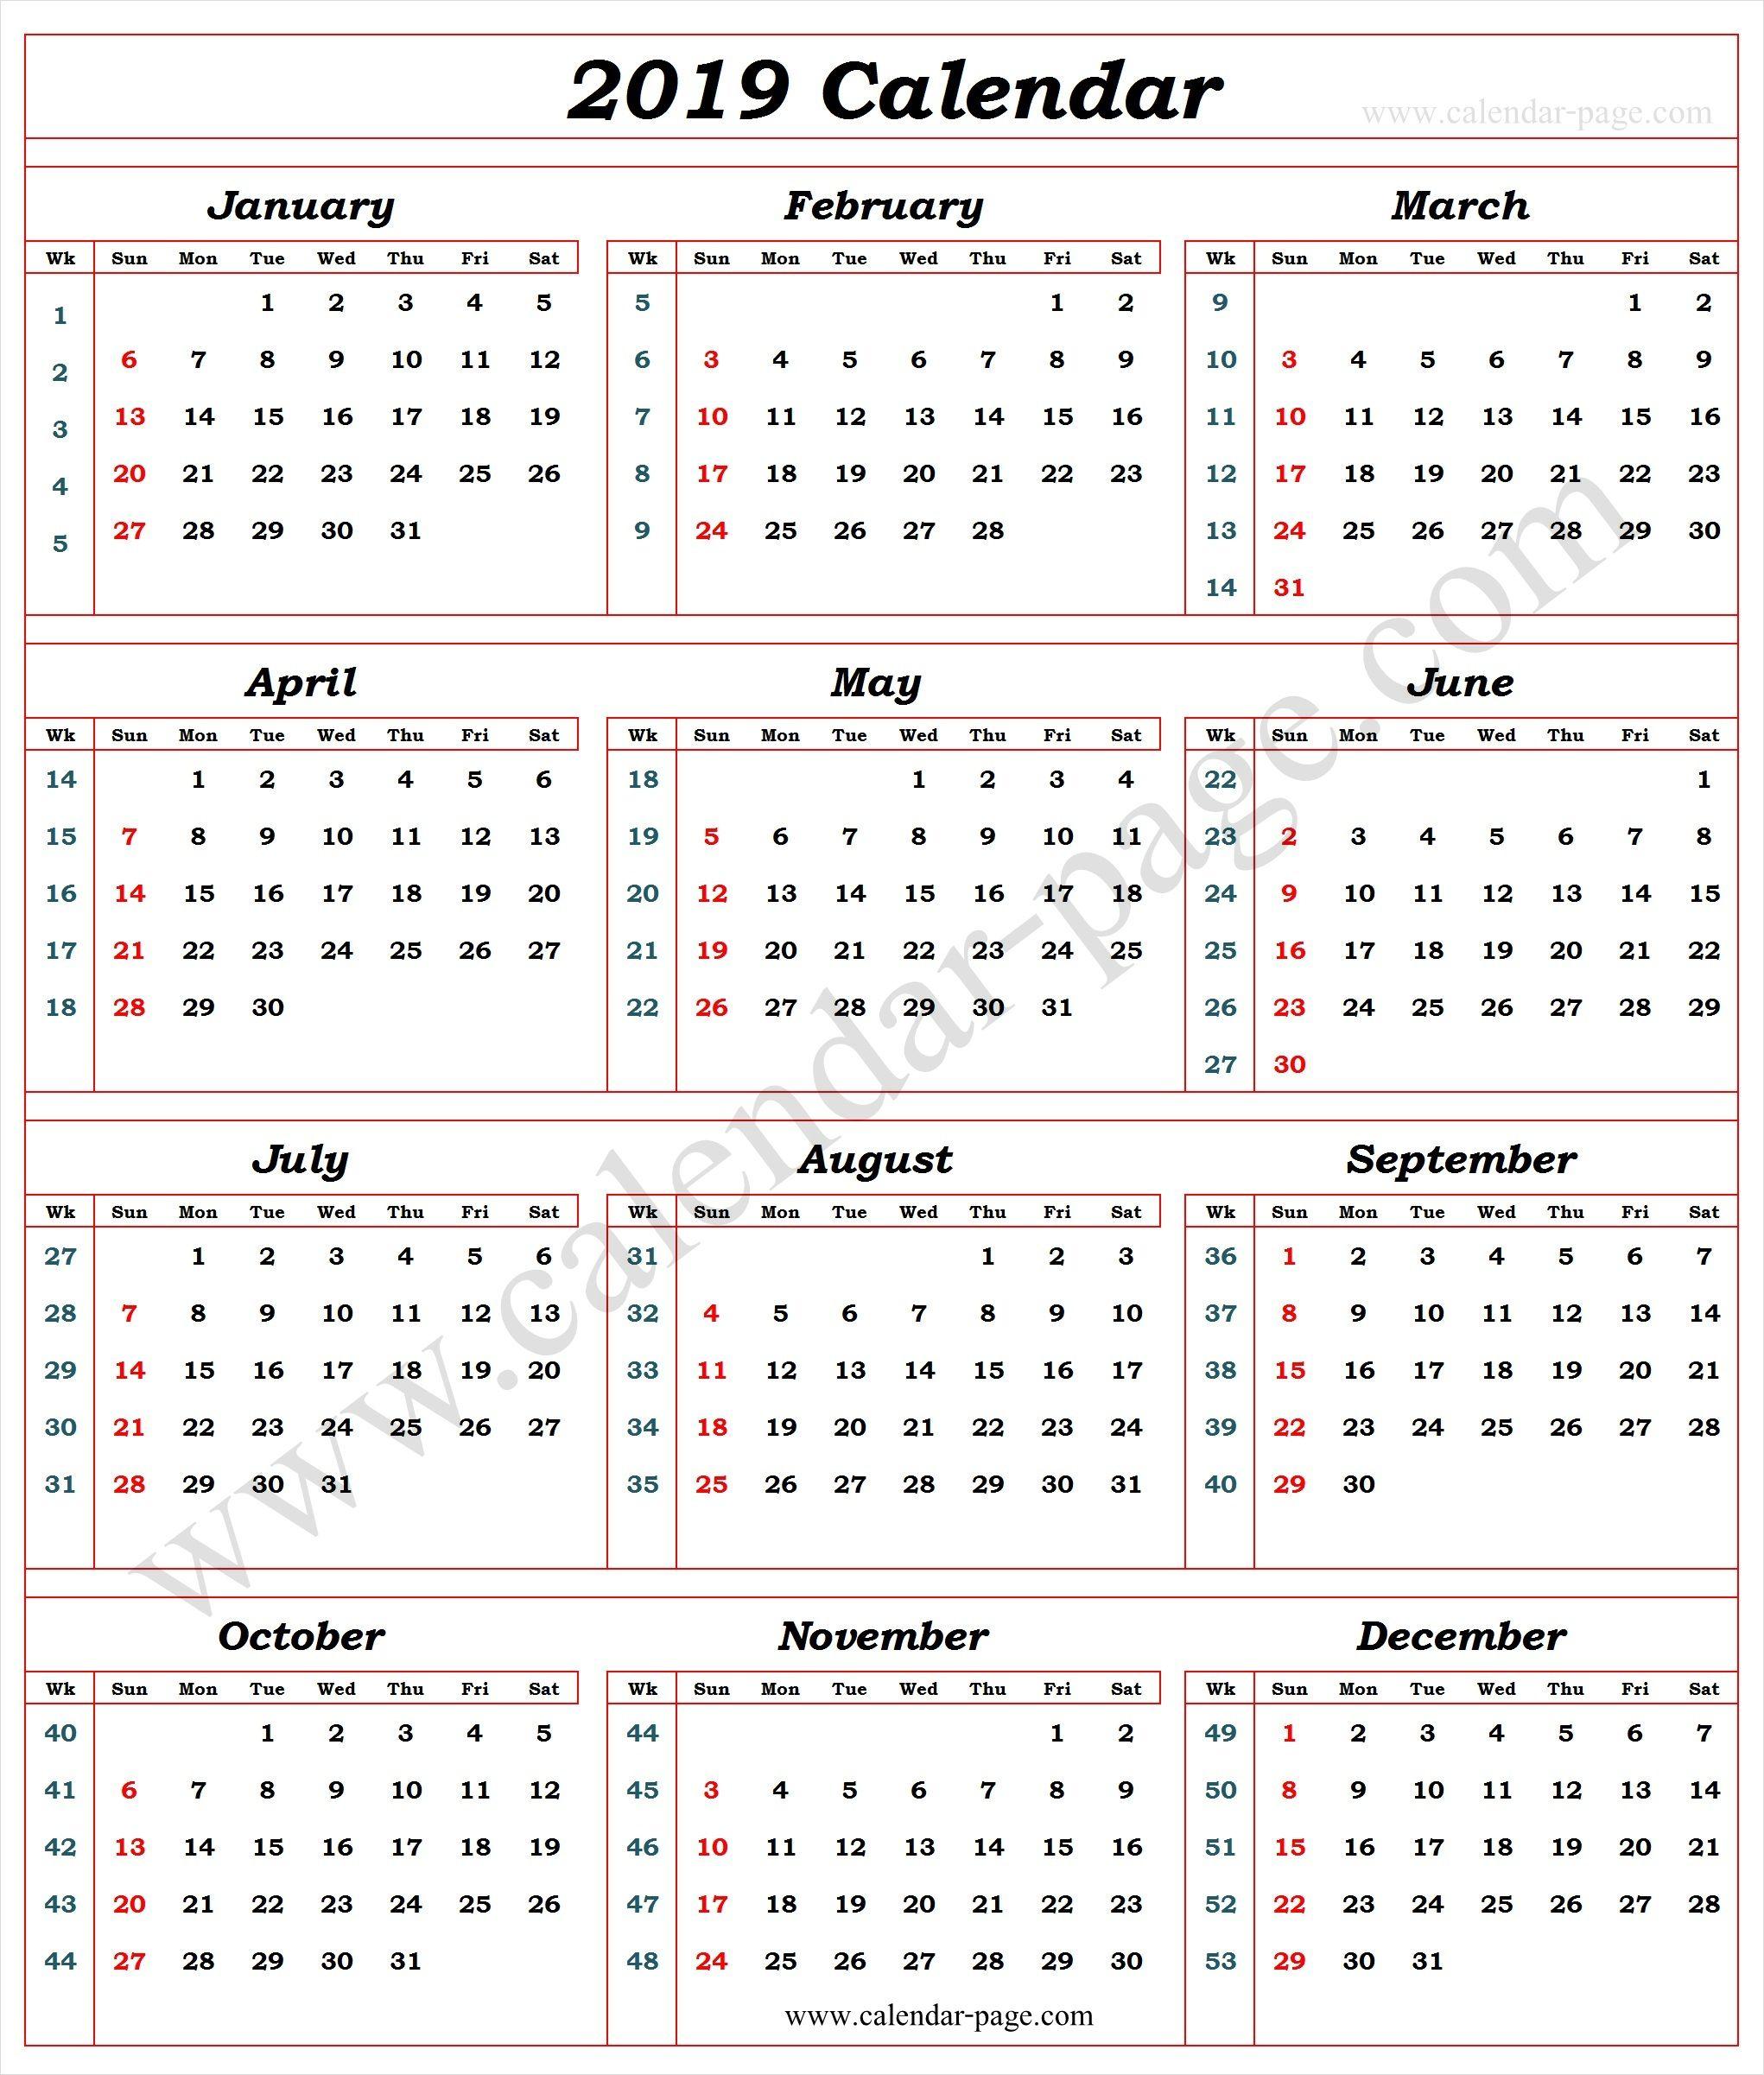 Calendar 2019 With Week Numbers